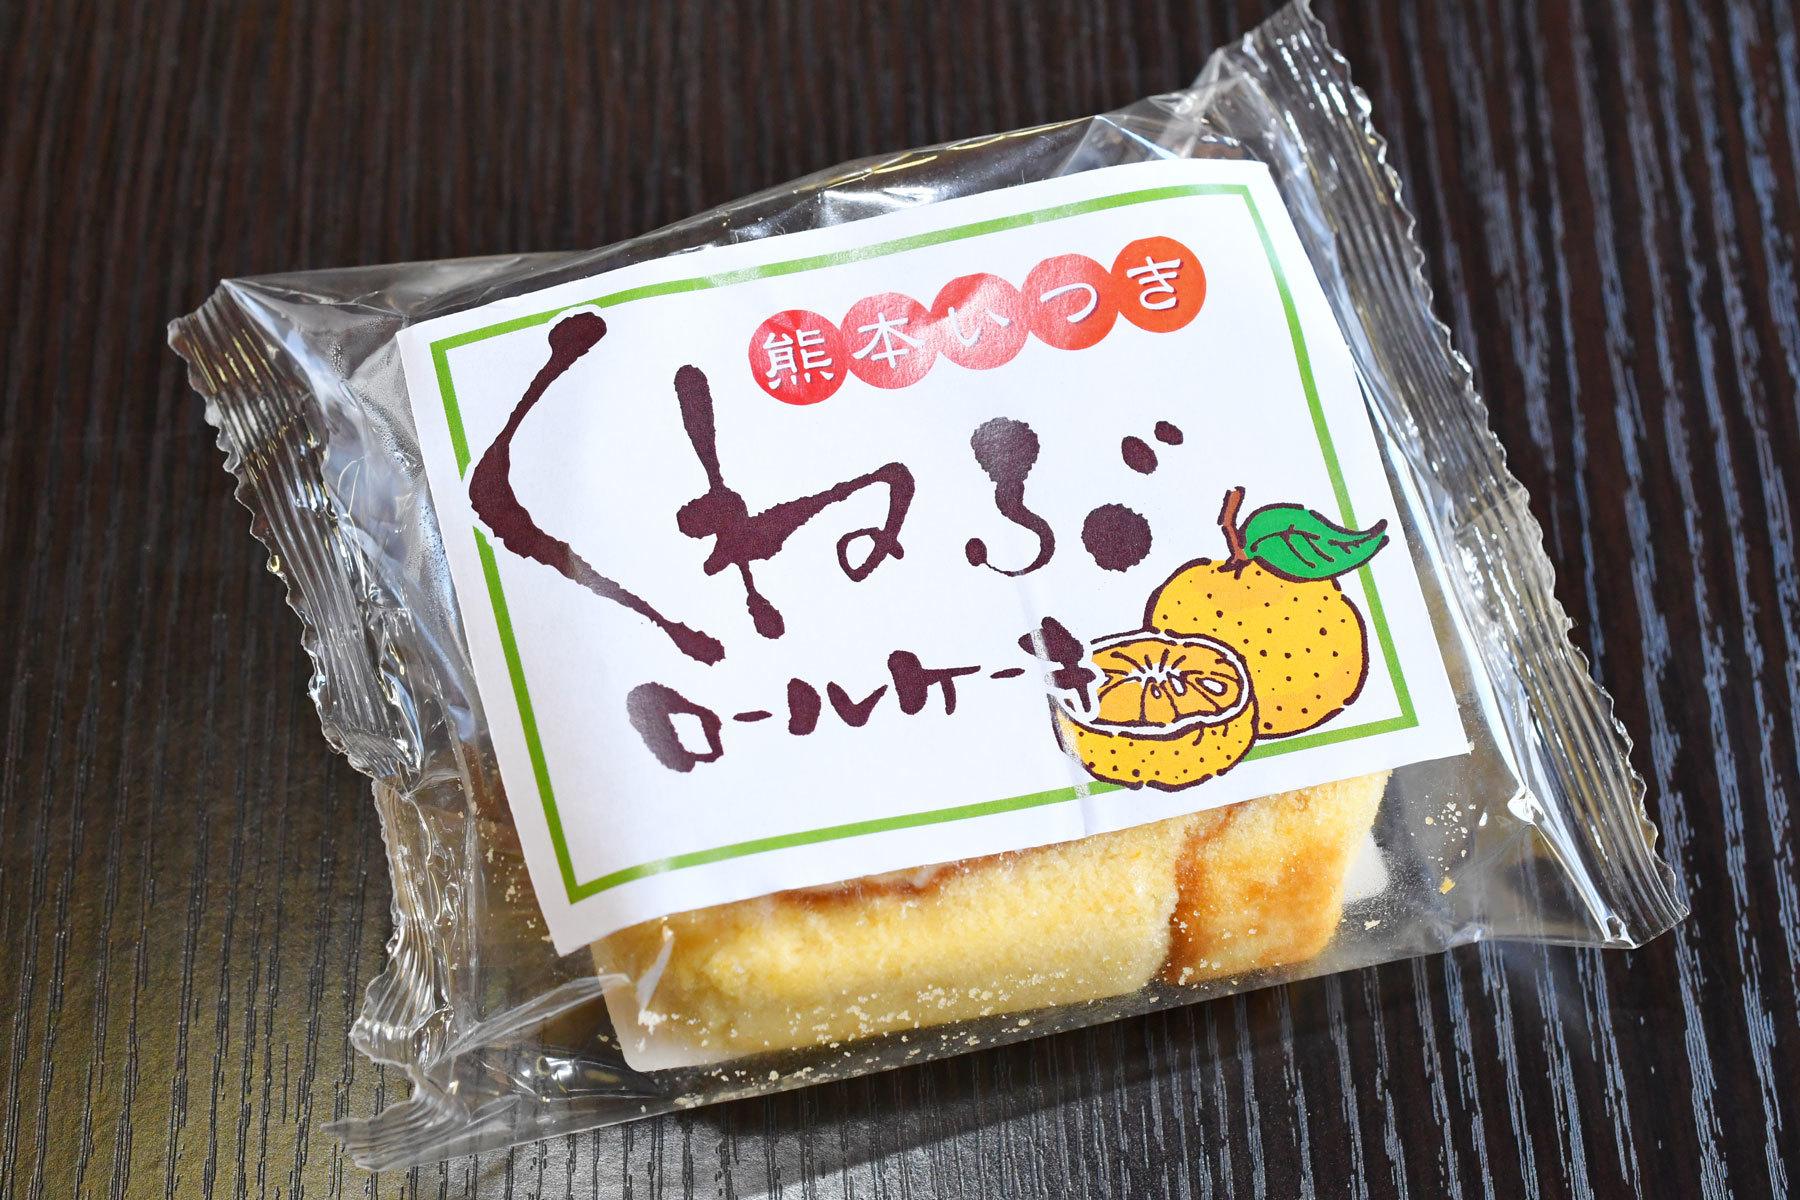 くねぶロールケーキ(1カット) - 画像1